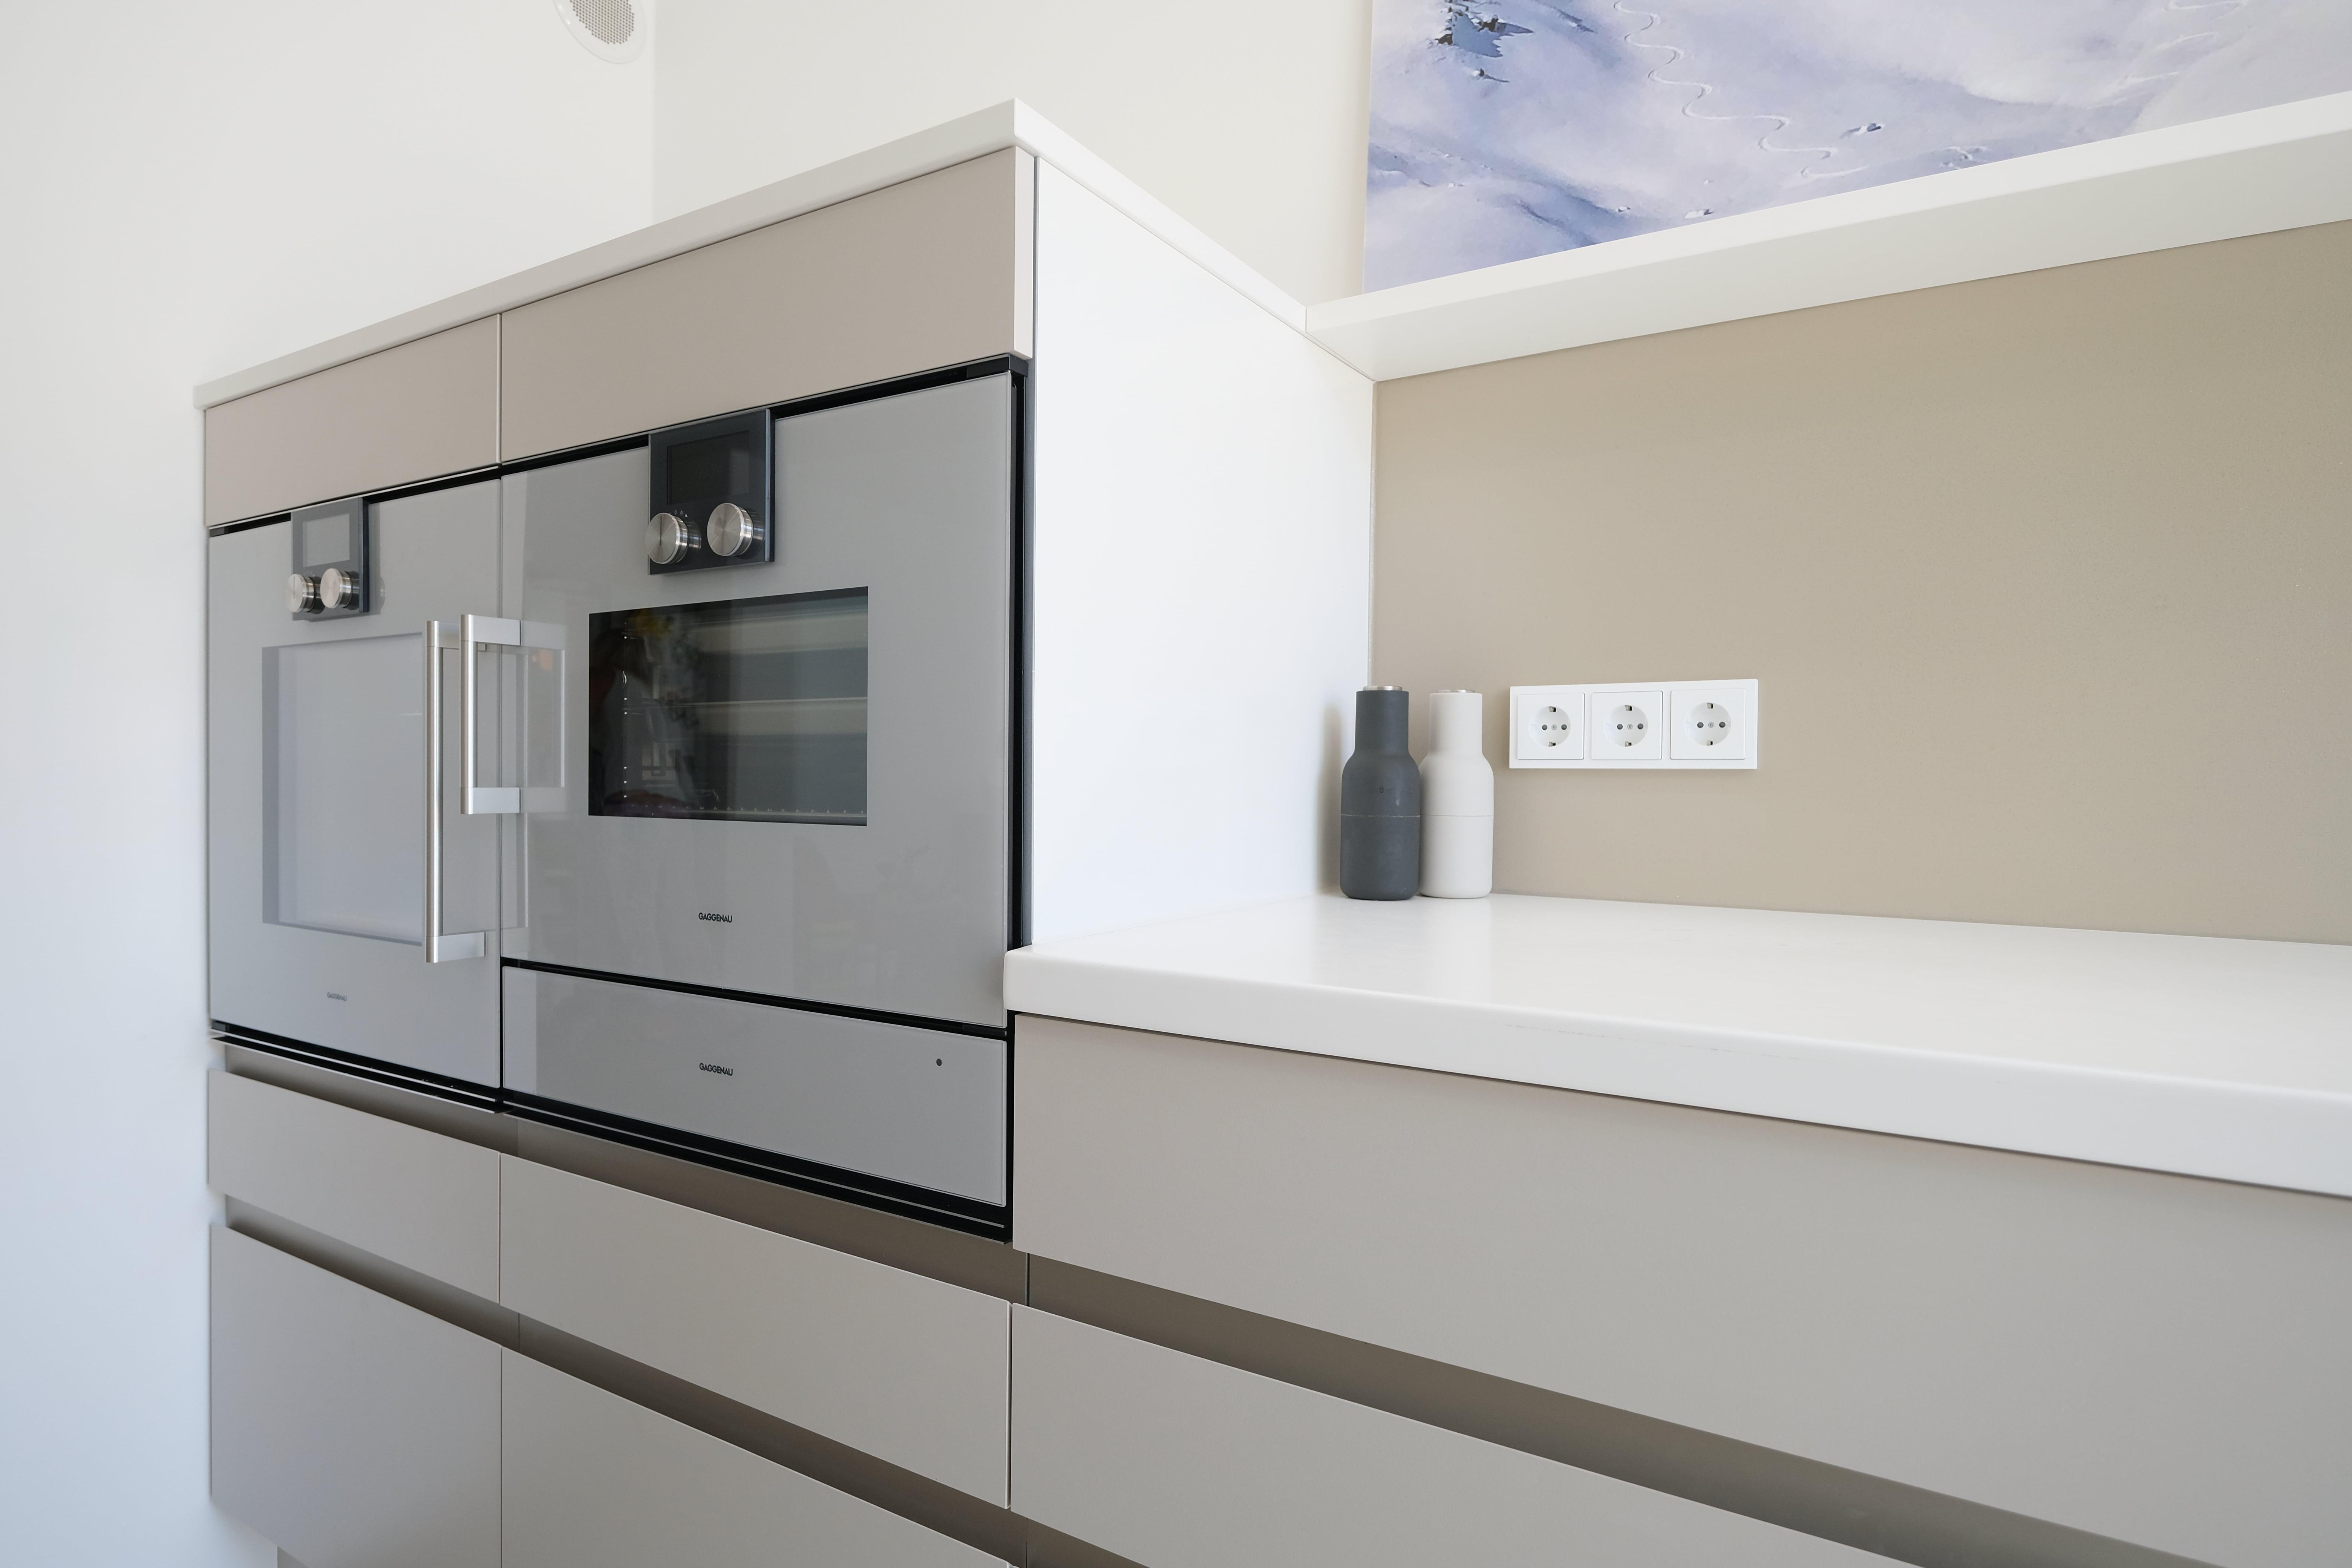 Küchenrenovierung: Neue Geräte + Ofen